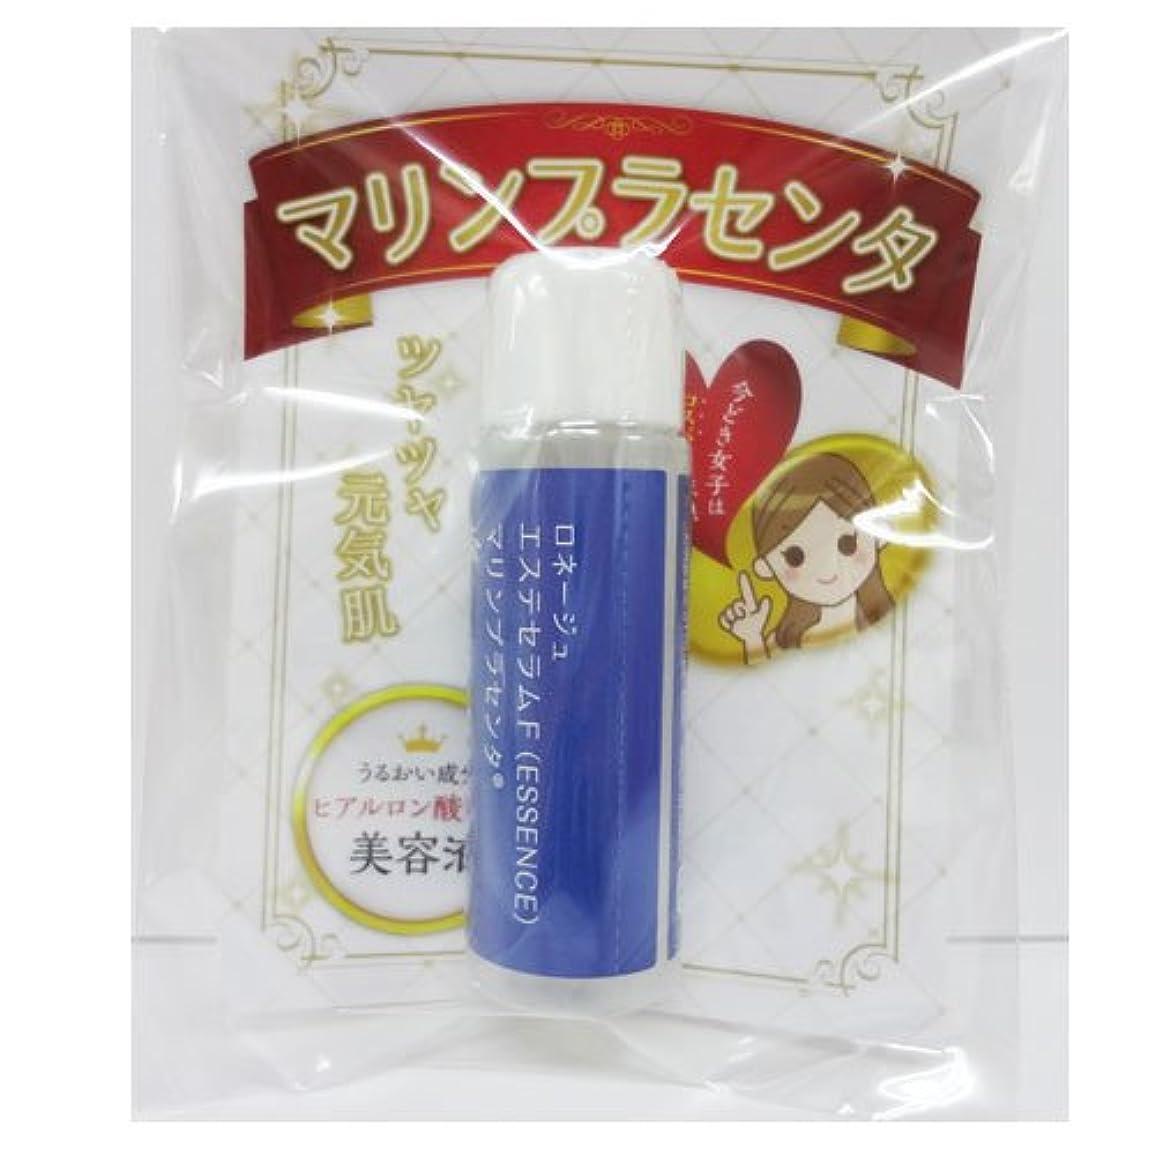 愛情添加弾薬ロネージュ 8種のエステセラム (マリンプラセンタ) 20ml